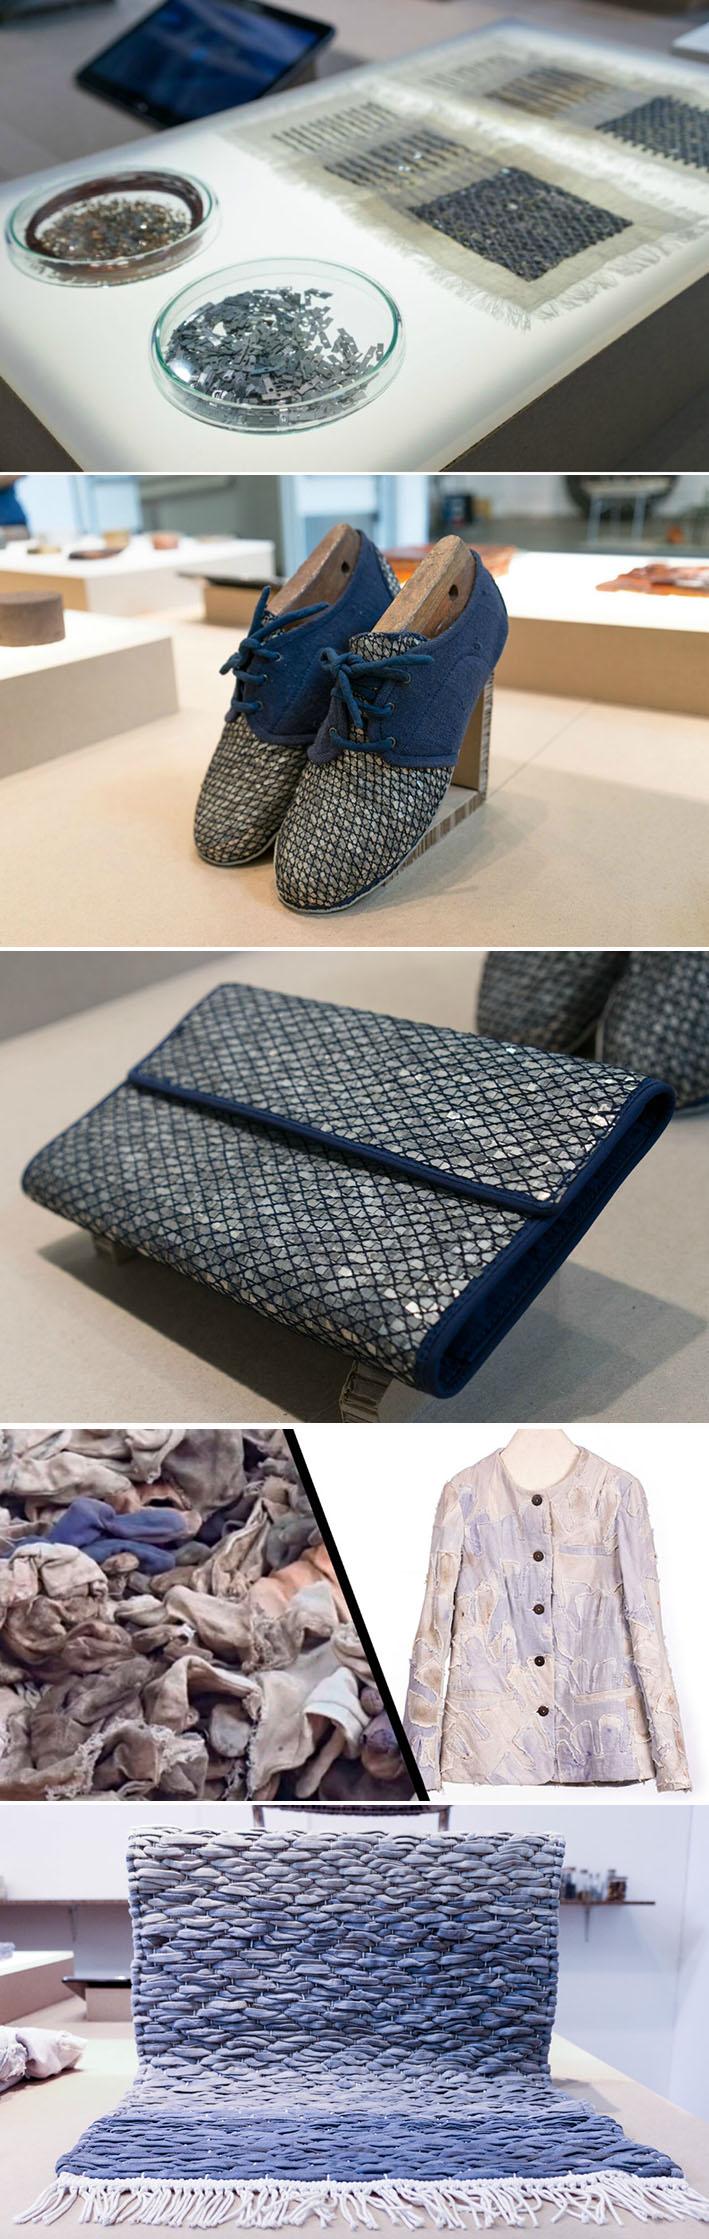 O projeto Punah transforma os resíduos industriais em produtos de moda e design stylo urbano-2